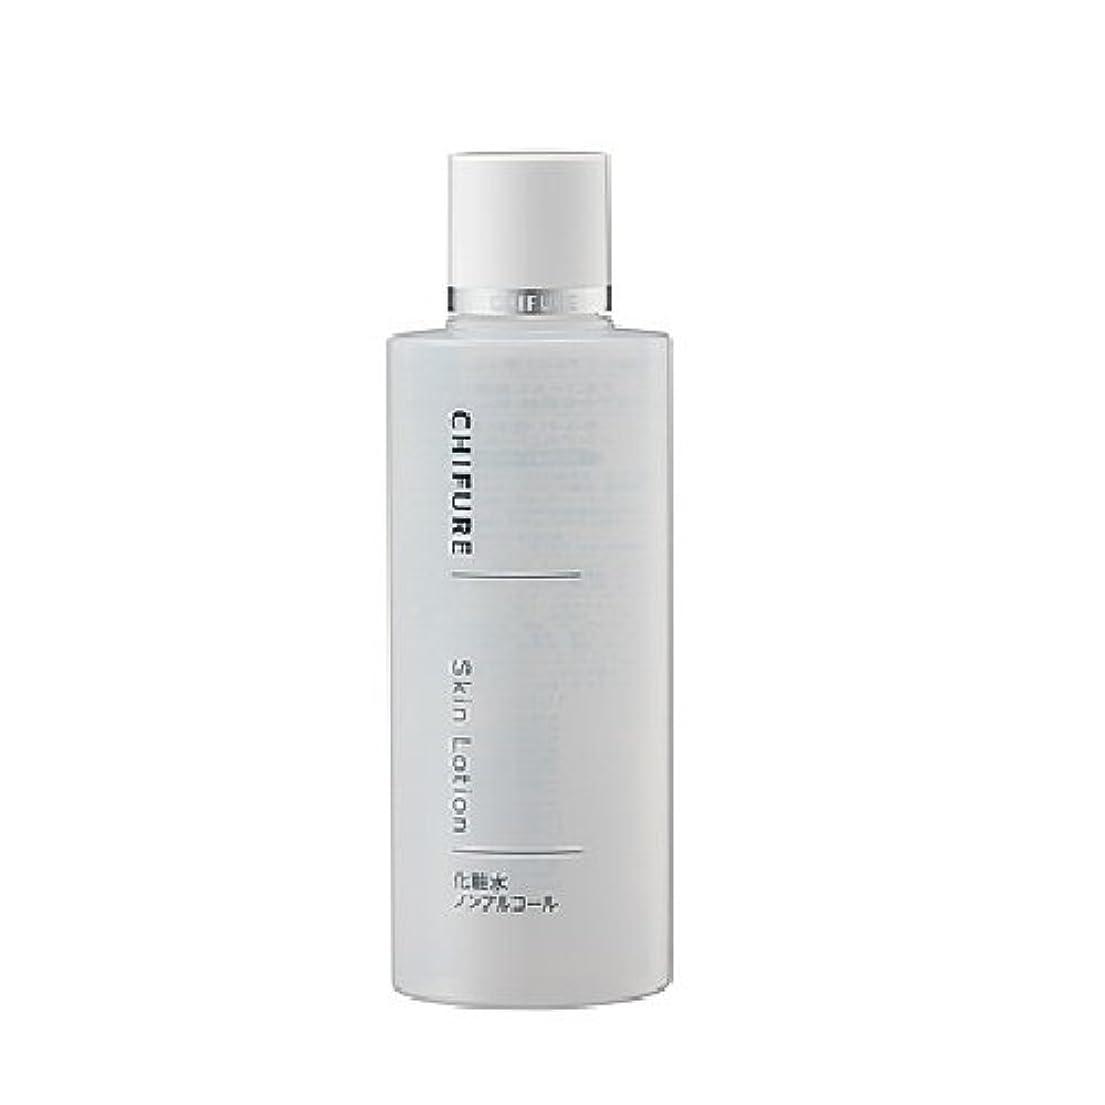 照らす蛇行きれいにちふれ化粧品 化粧水 ノンアルコールタイプ 180ML